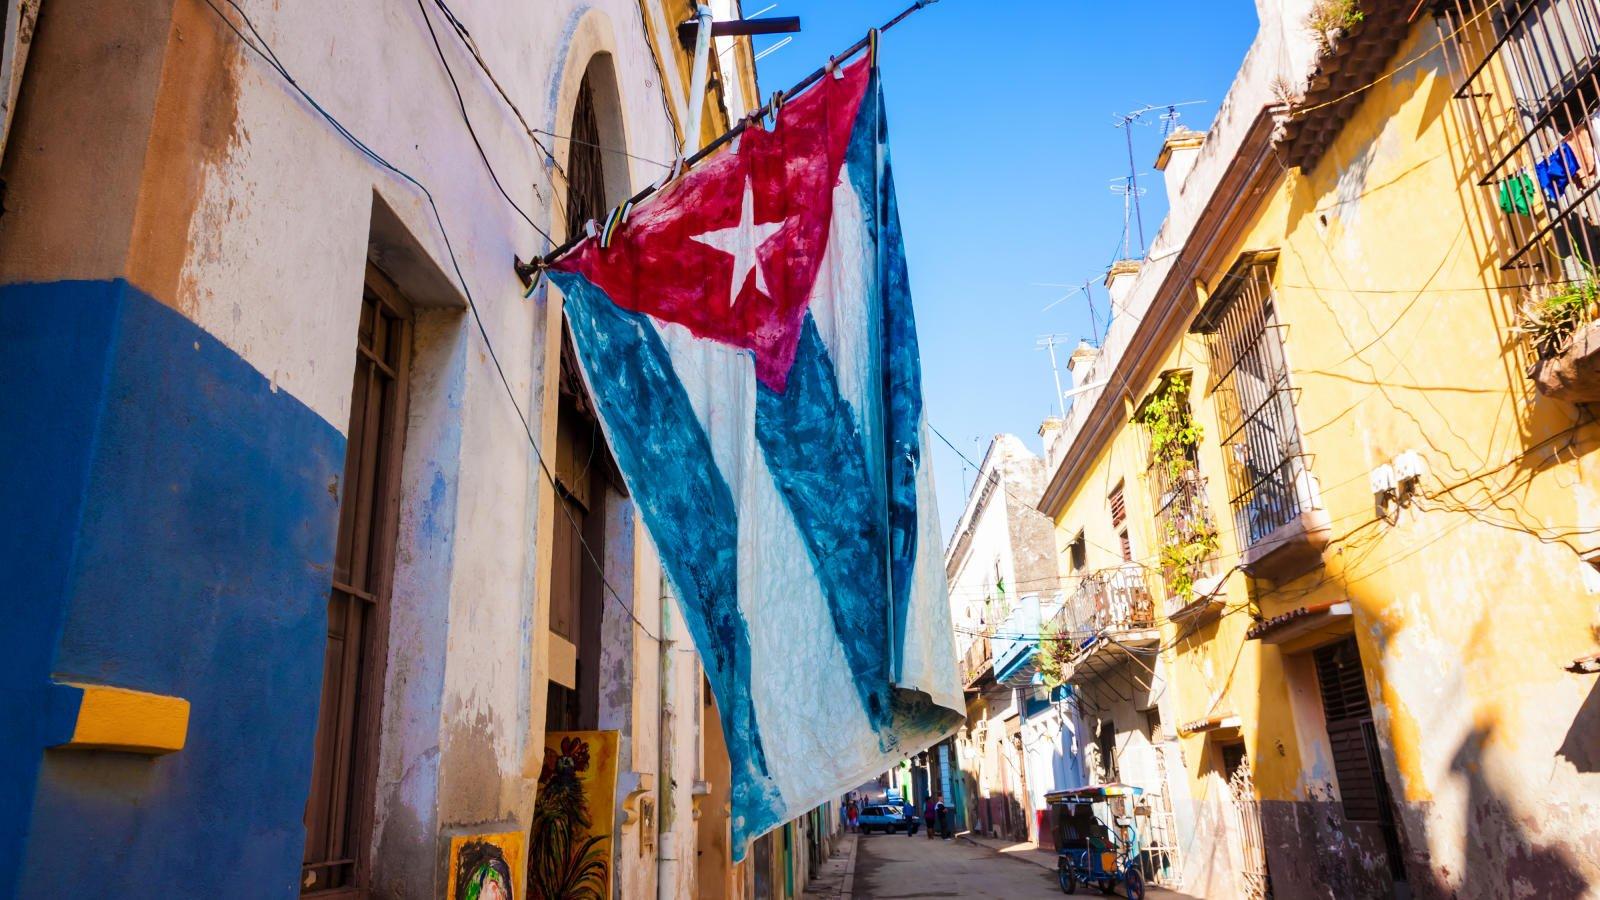 UNA RIFLESSIONE SUL MODELLO DI SVILUPPO DI CUBA